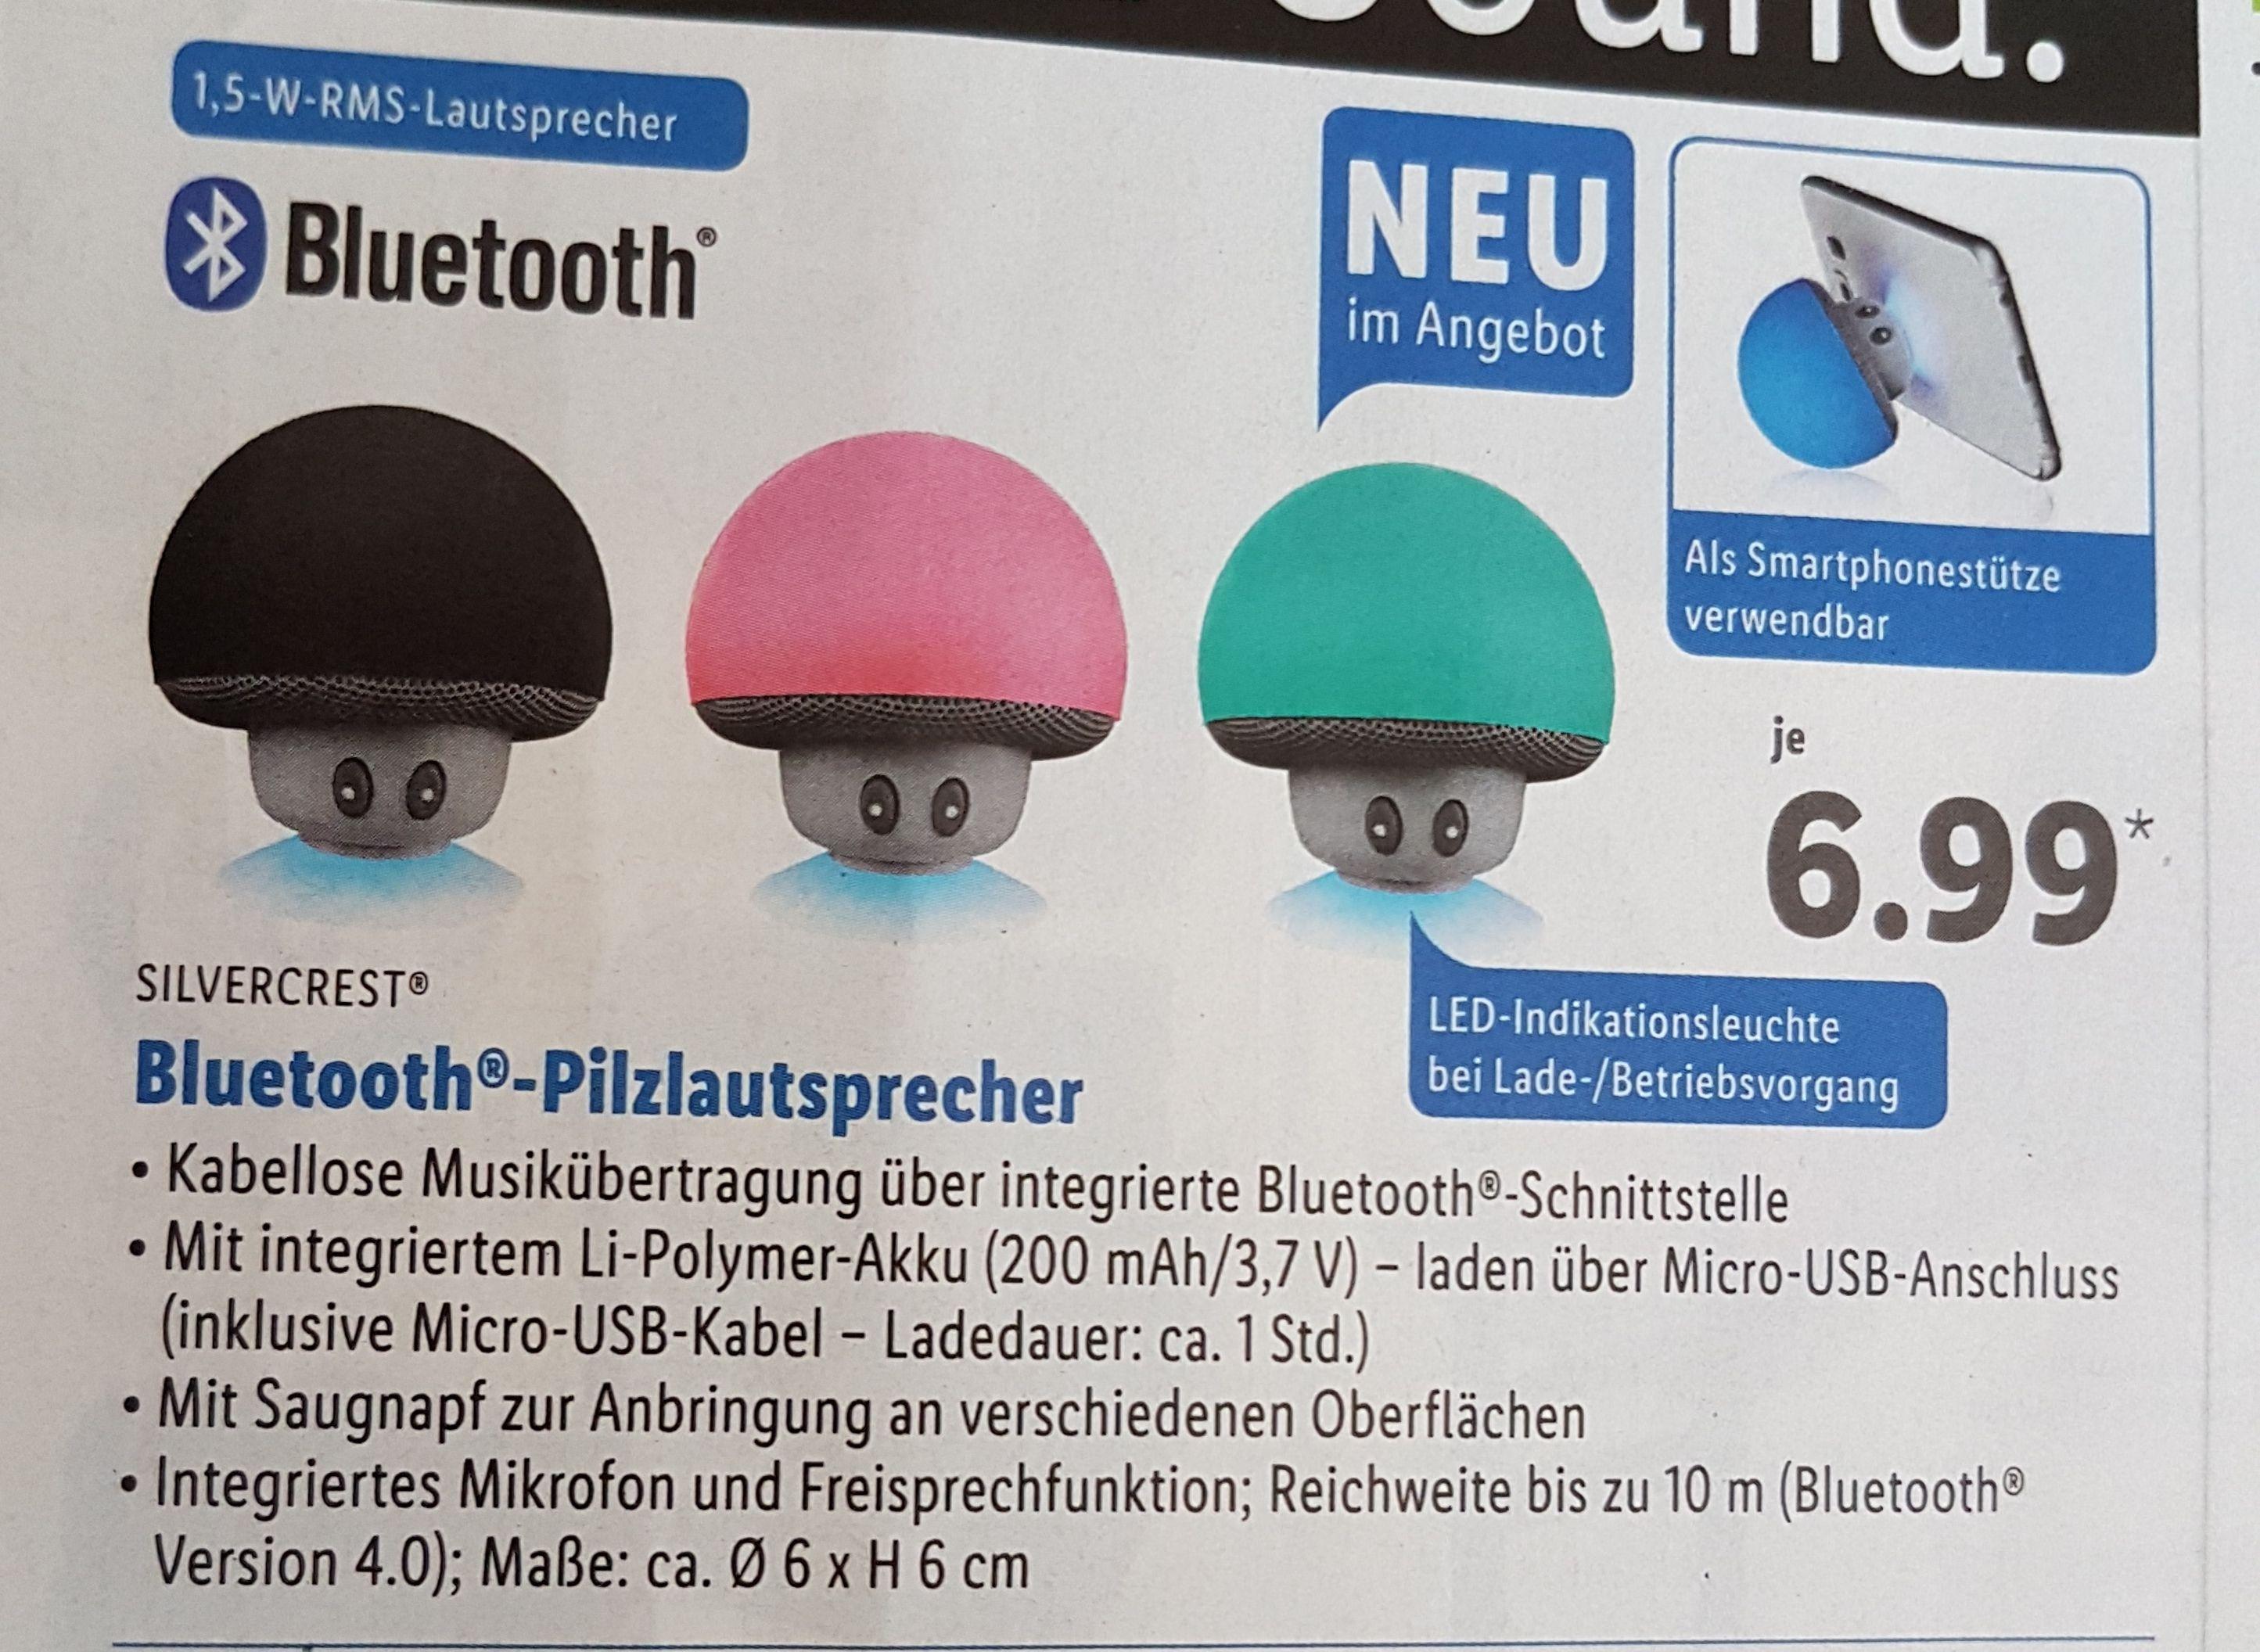 Bluetooth- Pilzlautsprecher bei Lidl